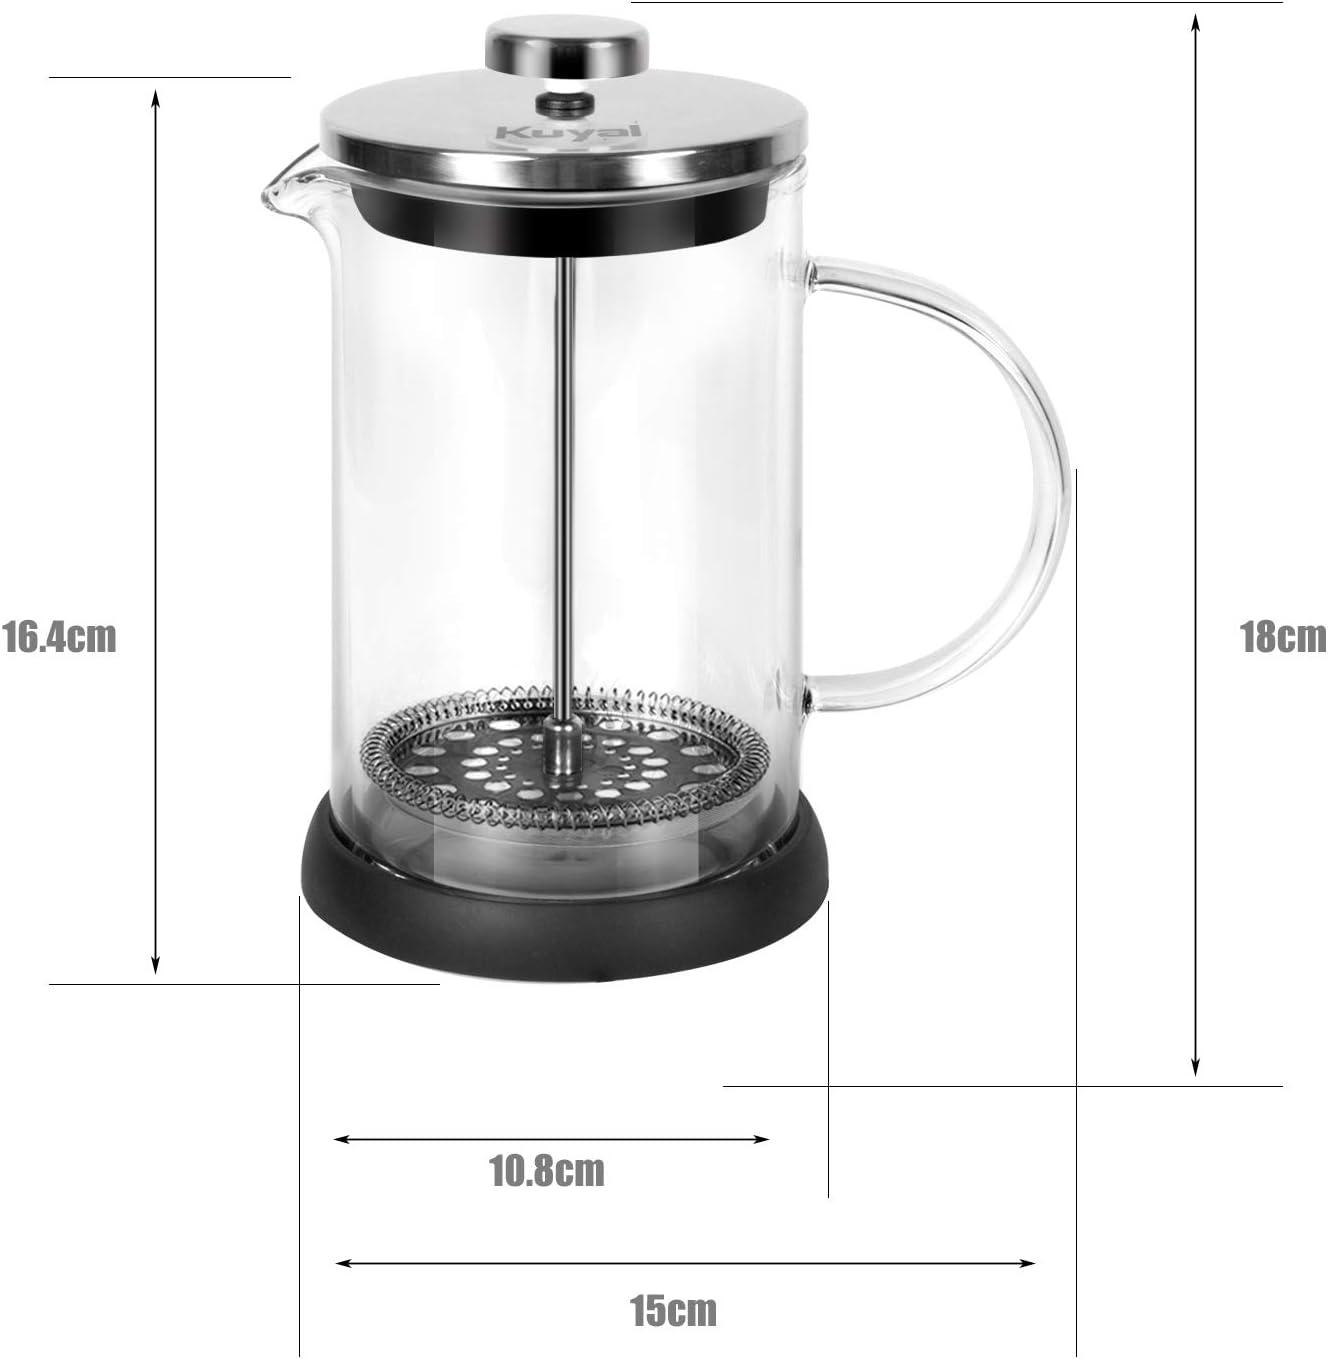 Kuyal Cafeti/ère /à piston en acier inoxydable pour caf/é du matin avec 3 filtres suppl/émentaires 5 tasses 600 ml